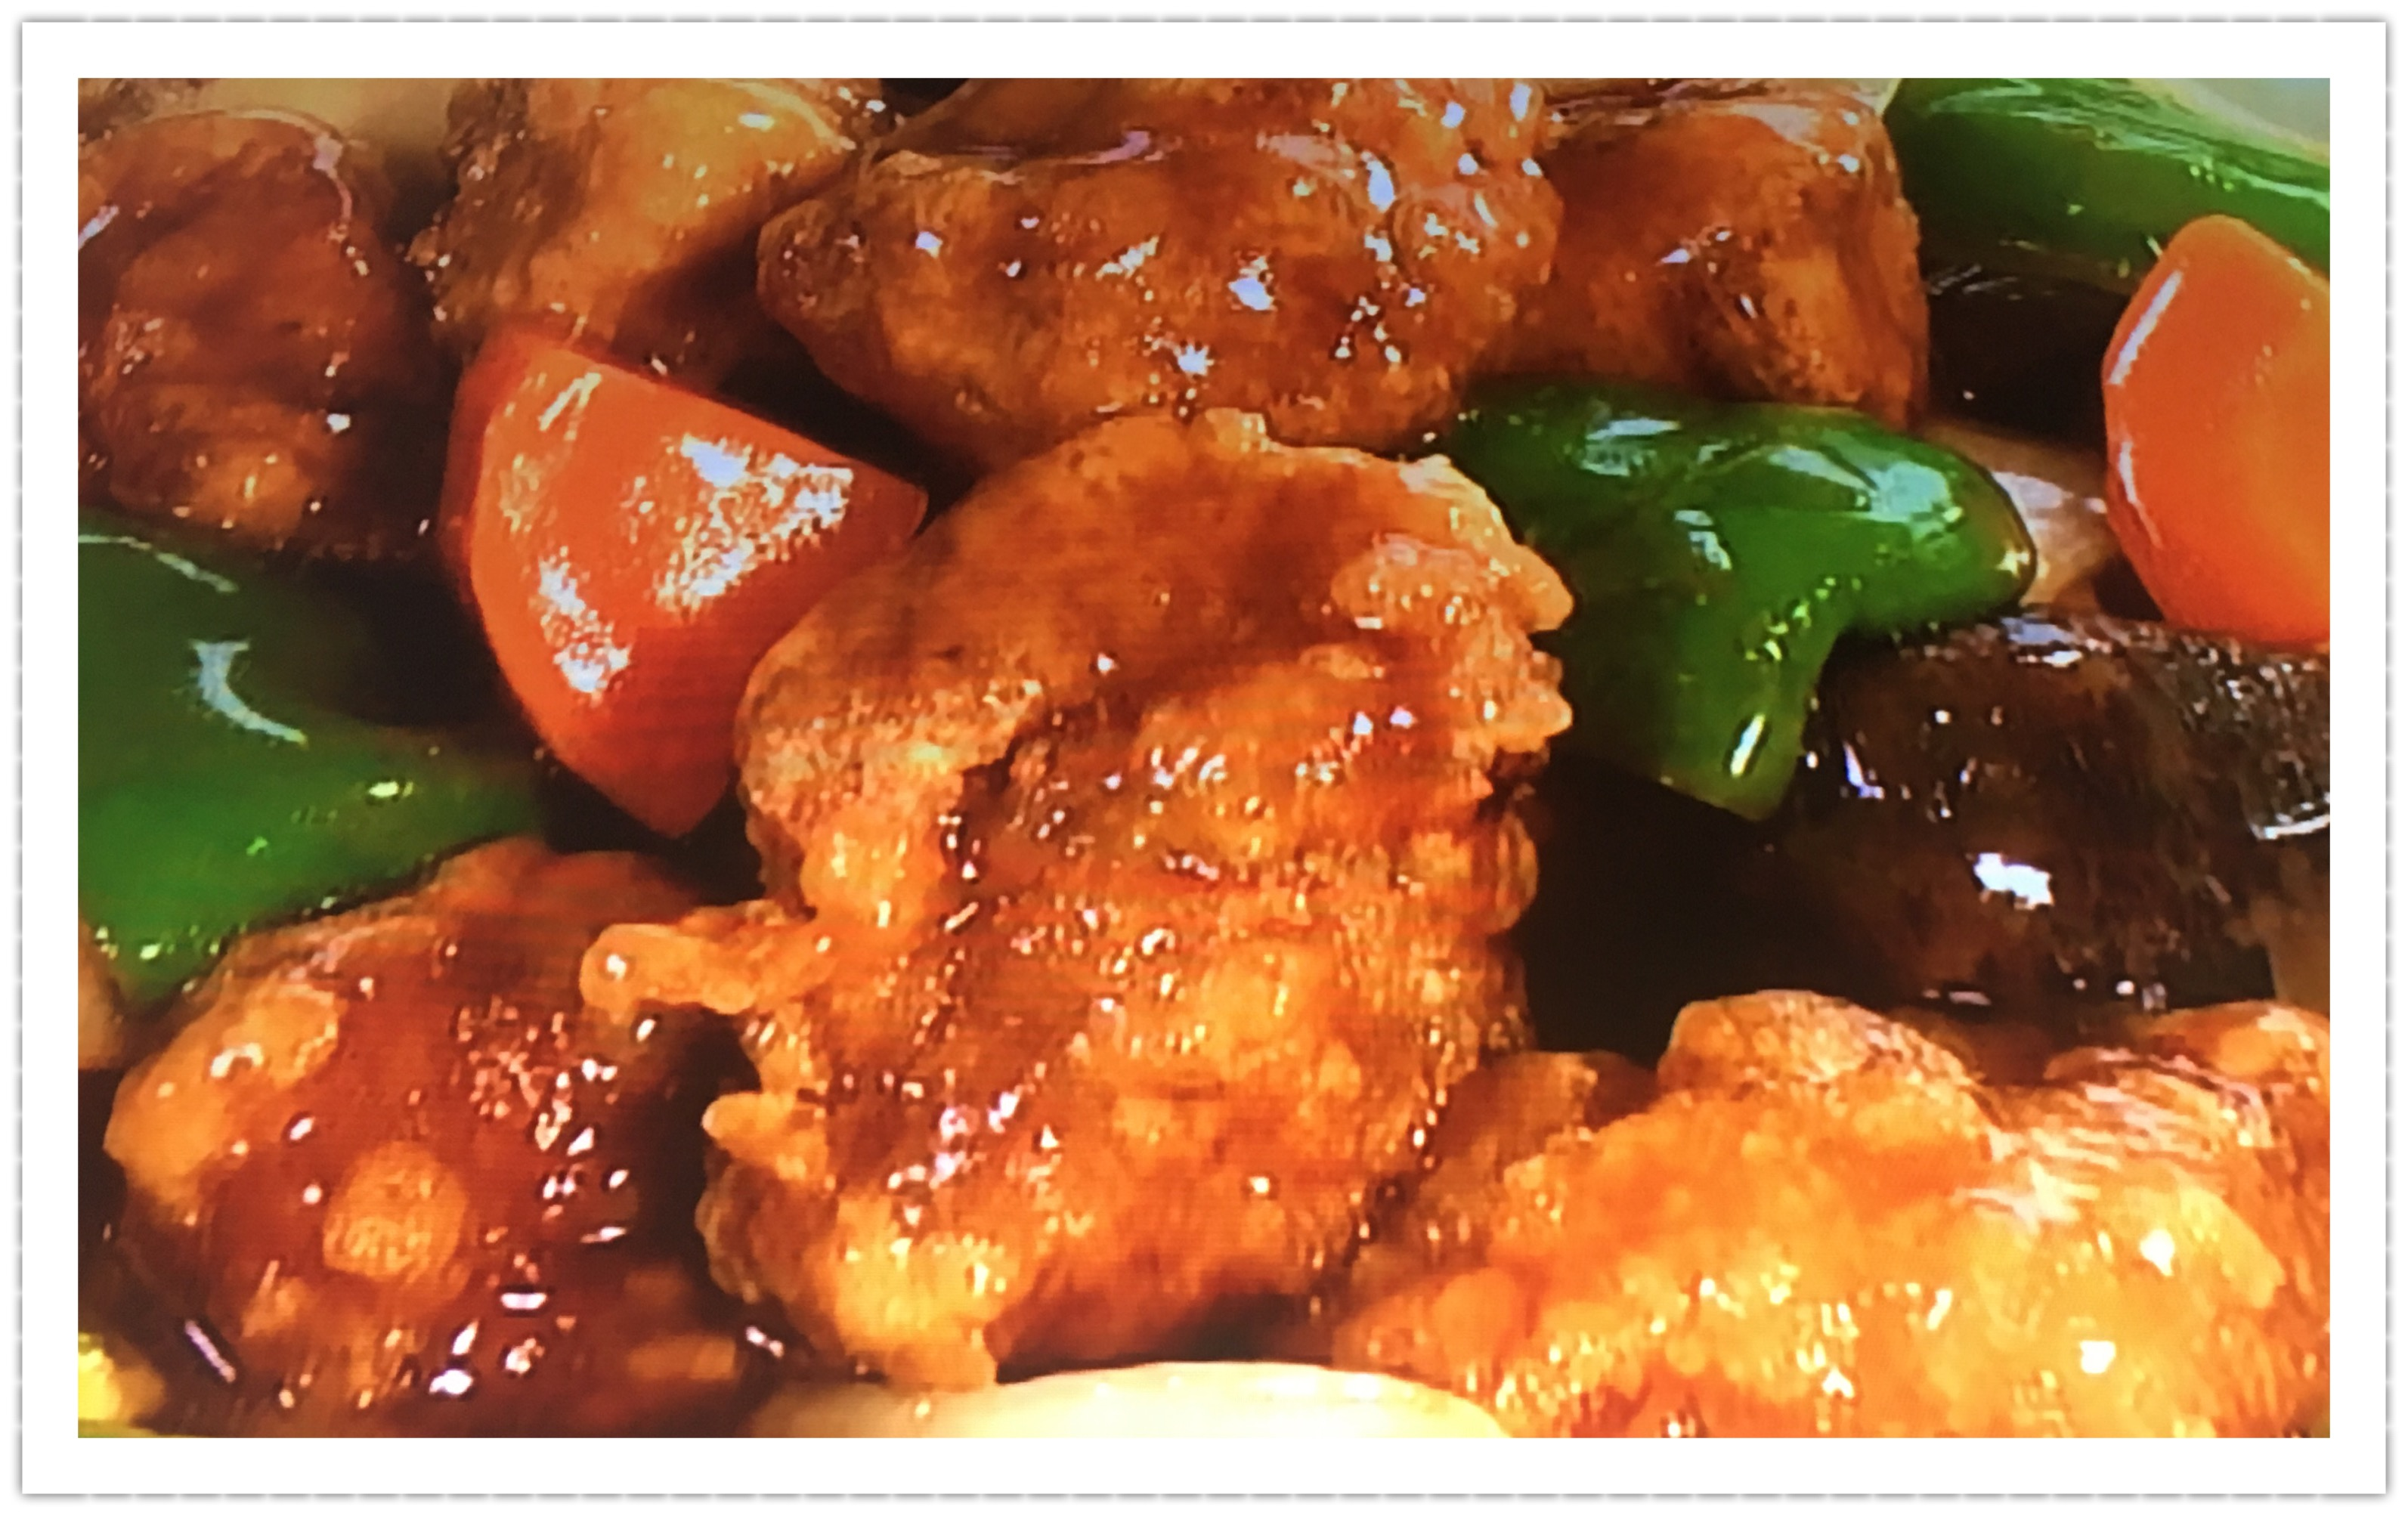 (栗原はるみ)酢豚。手際よく簡単にできるレシピ